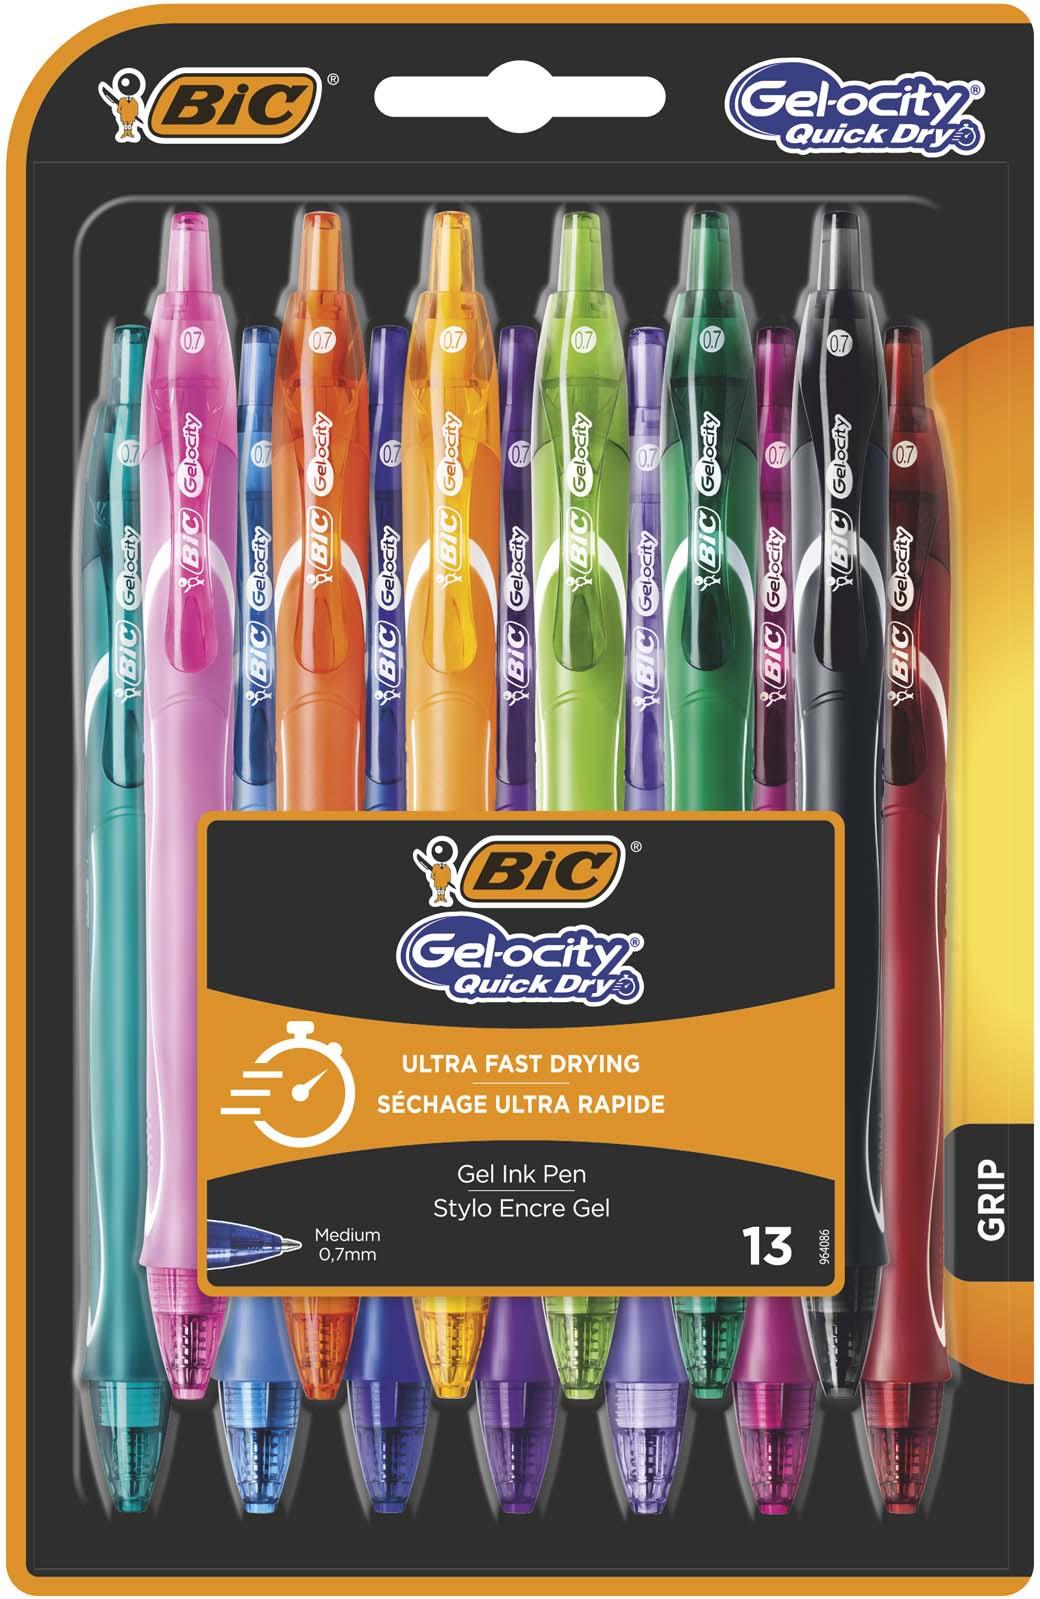 Набор гелевых ручек Bic Gel-Ocity Quick Dry, B964810, 13 цветов